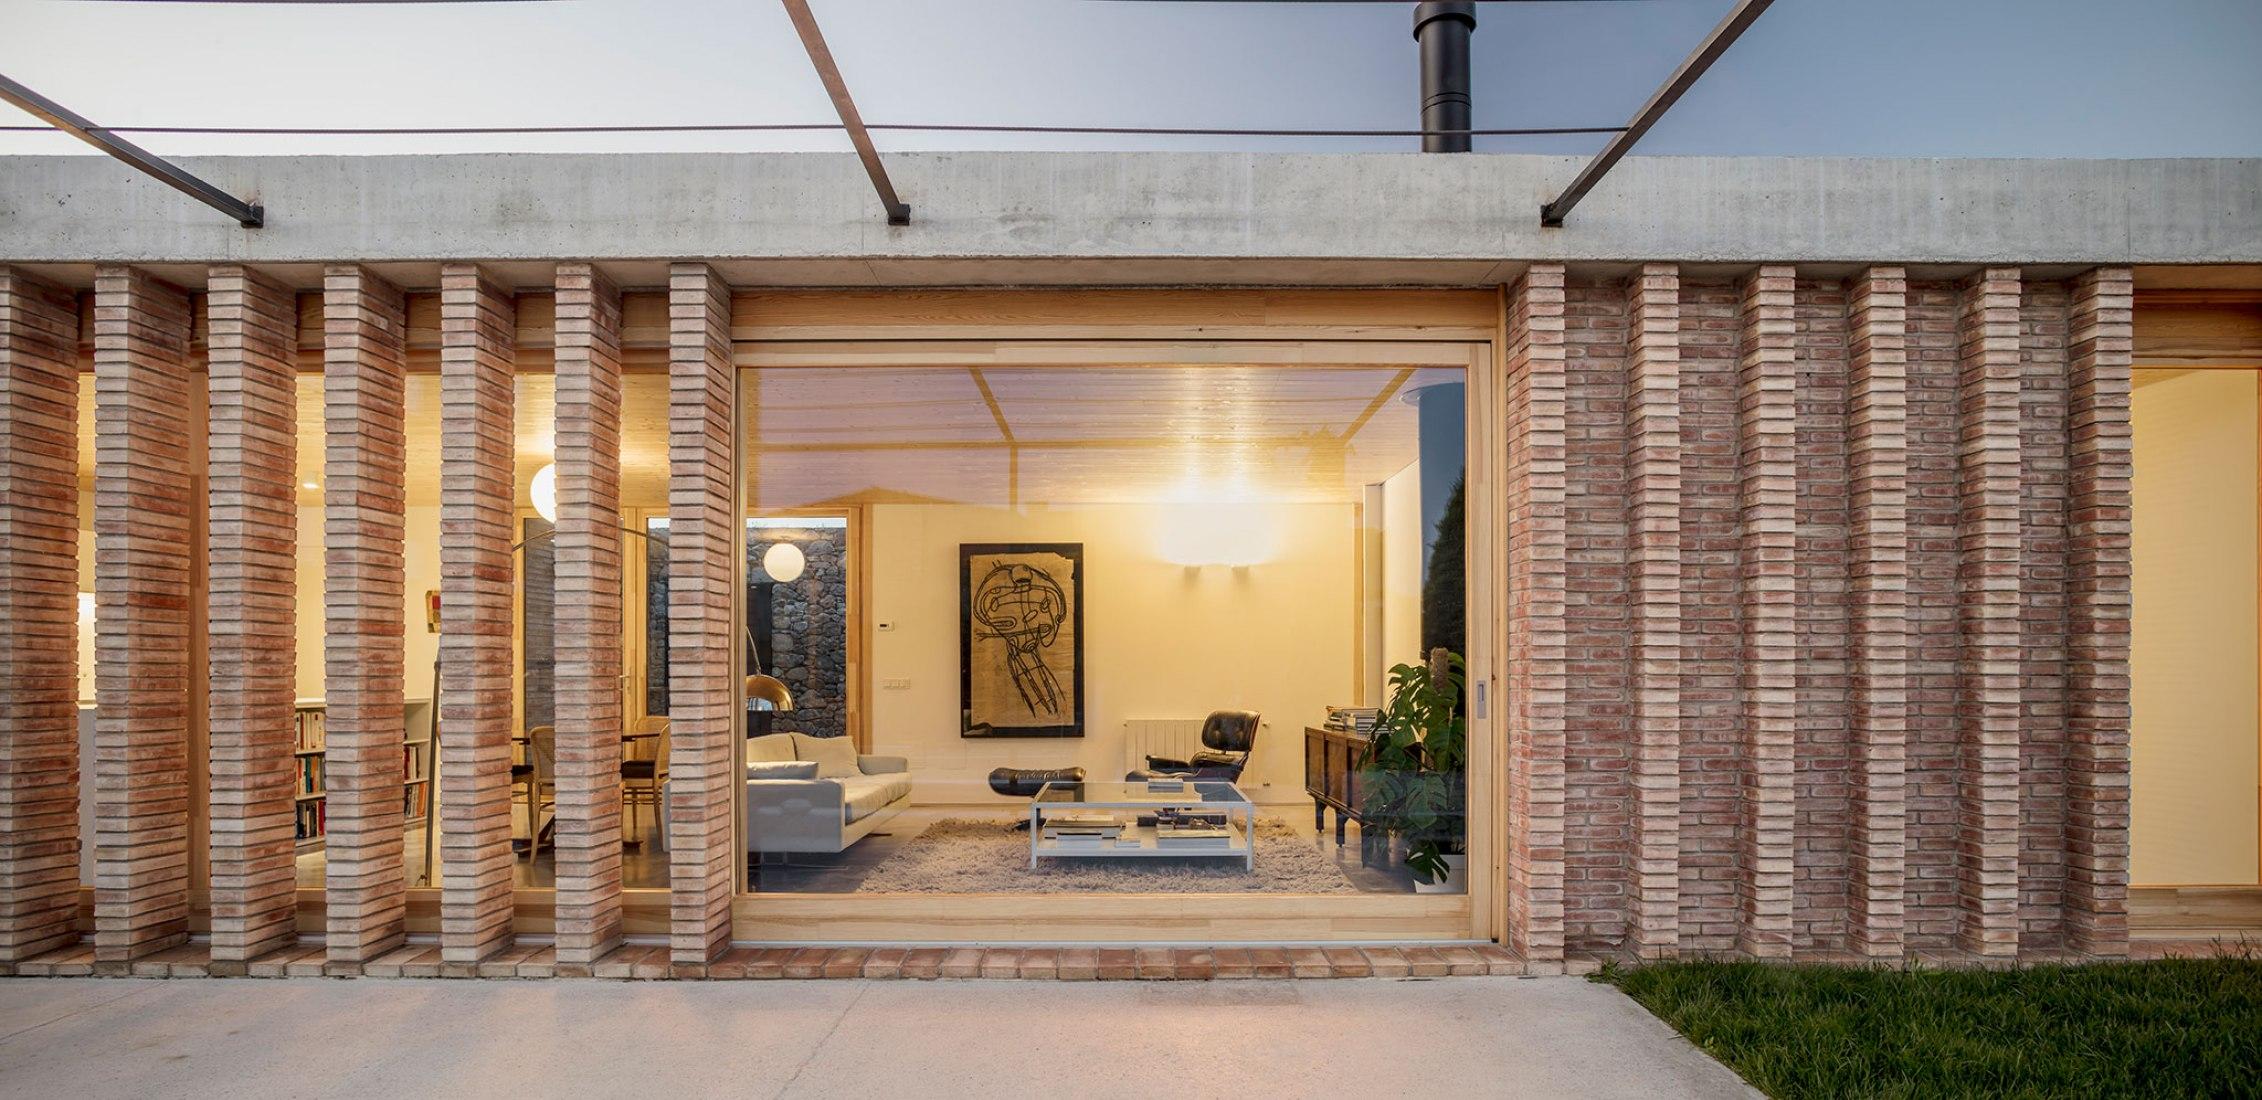 Casa AA por Alventosa Morell Arquitectes. Fotografía por Adrià Goula